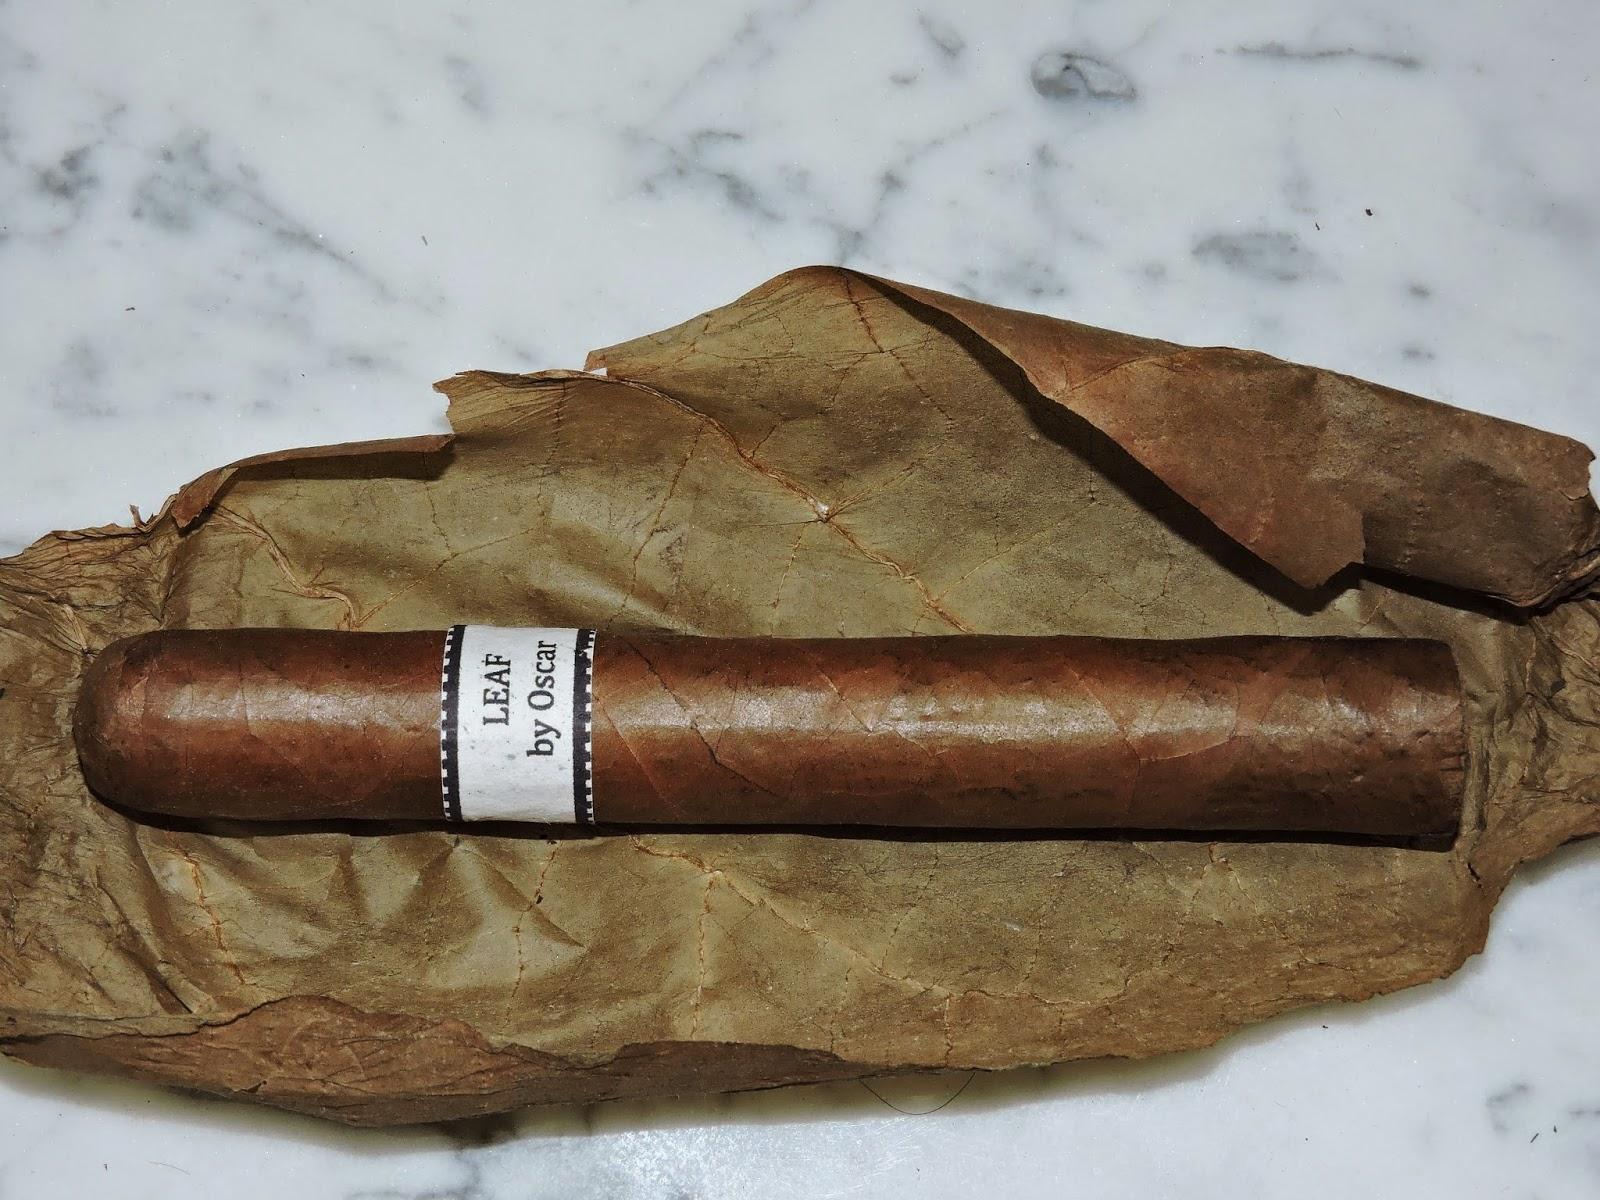 Cigar Review: Leaf by Oscar Sumatra